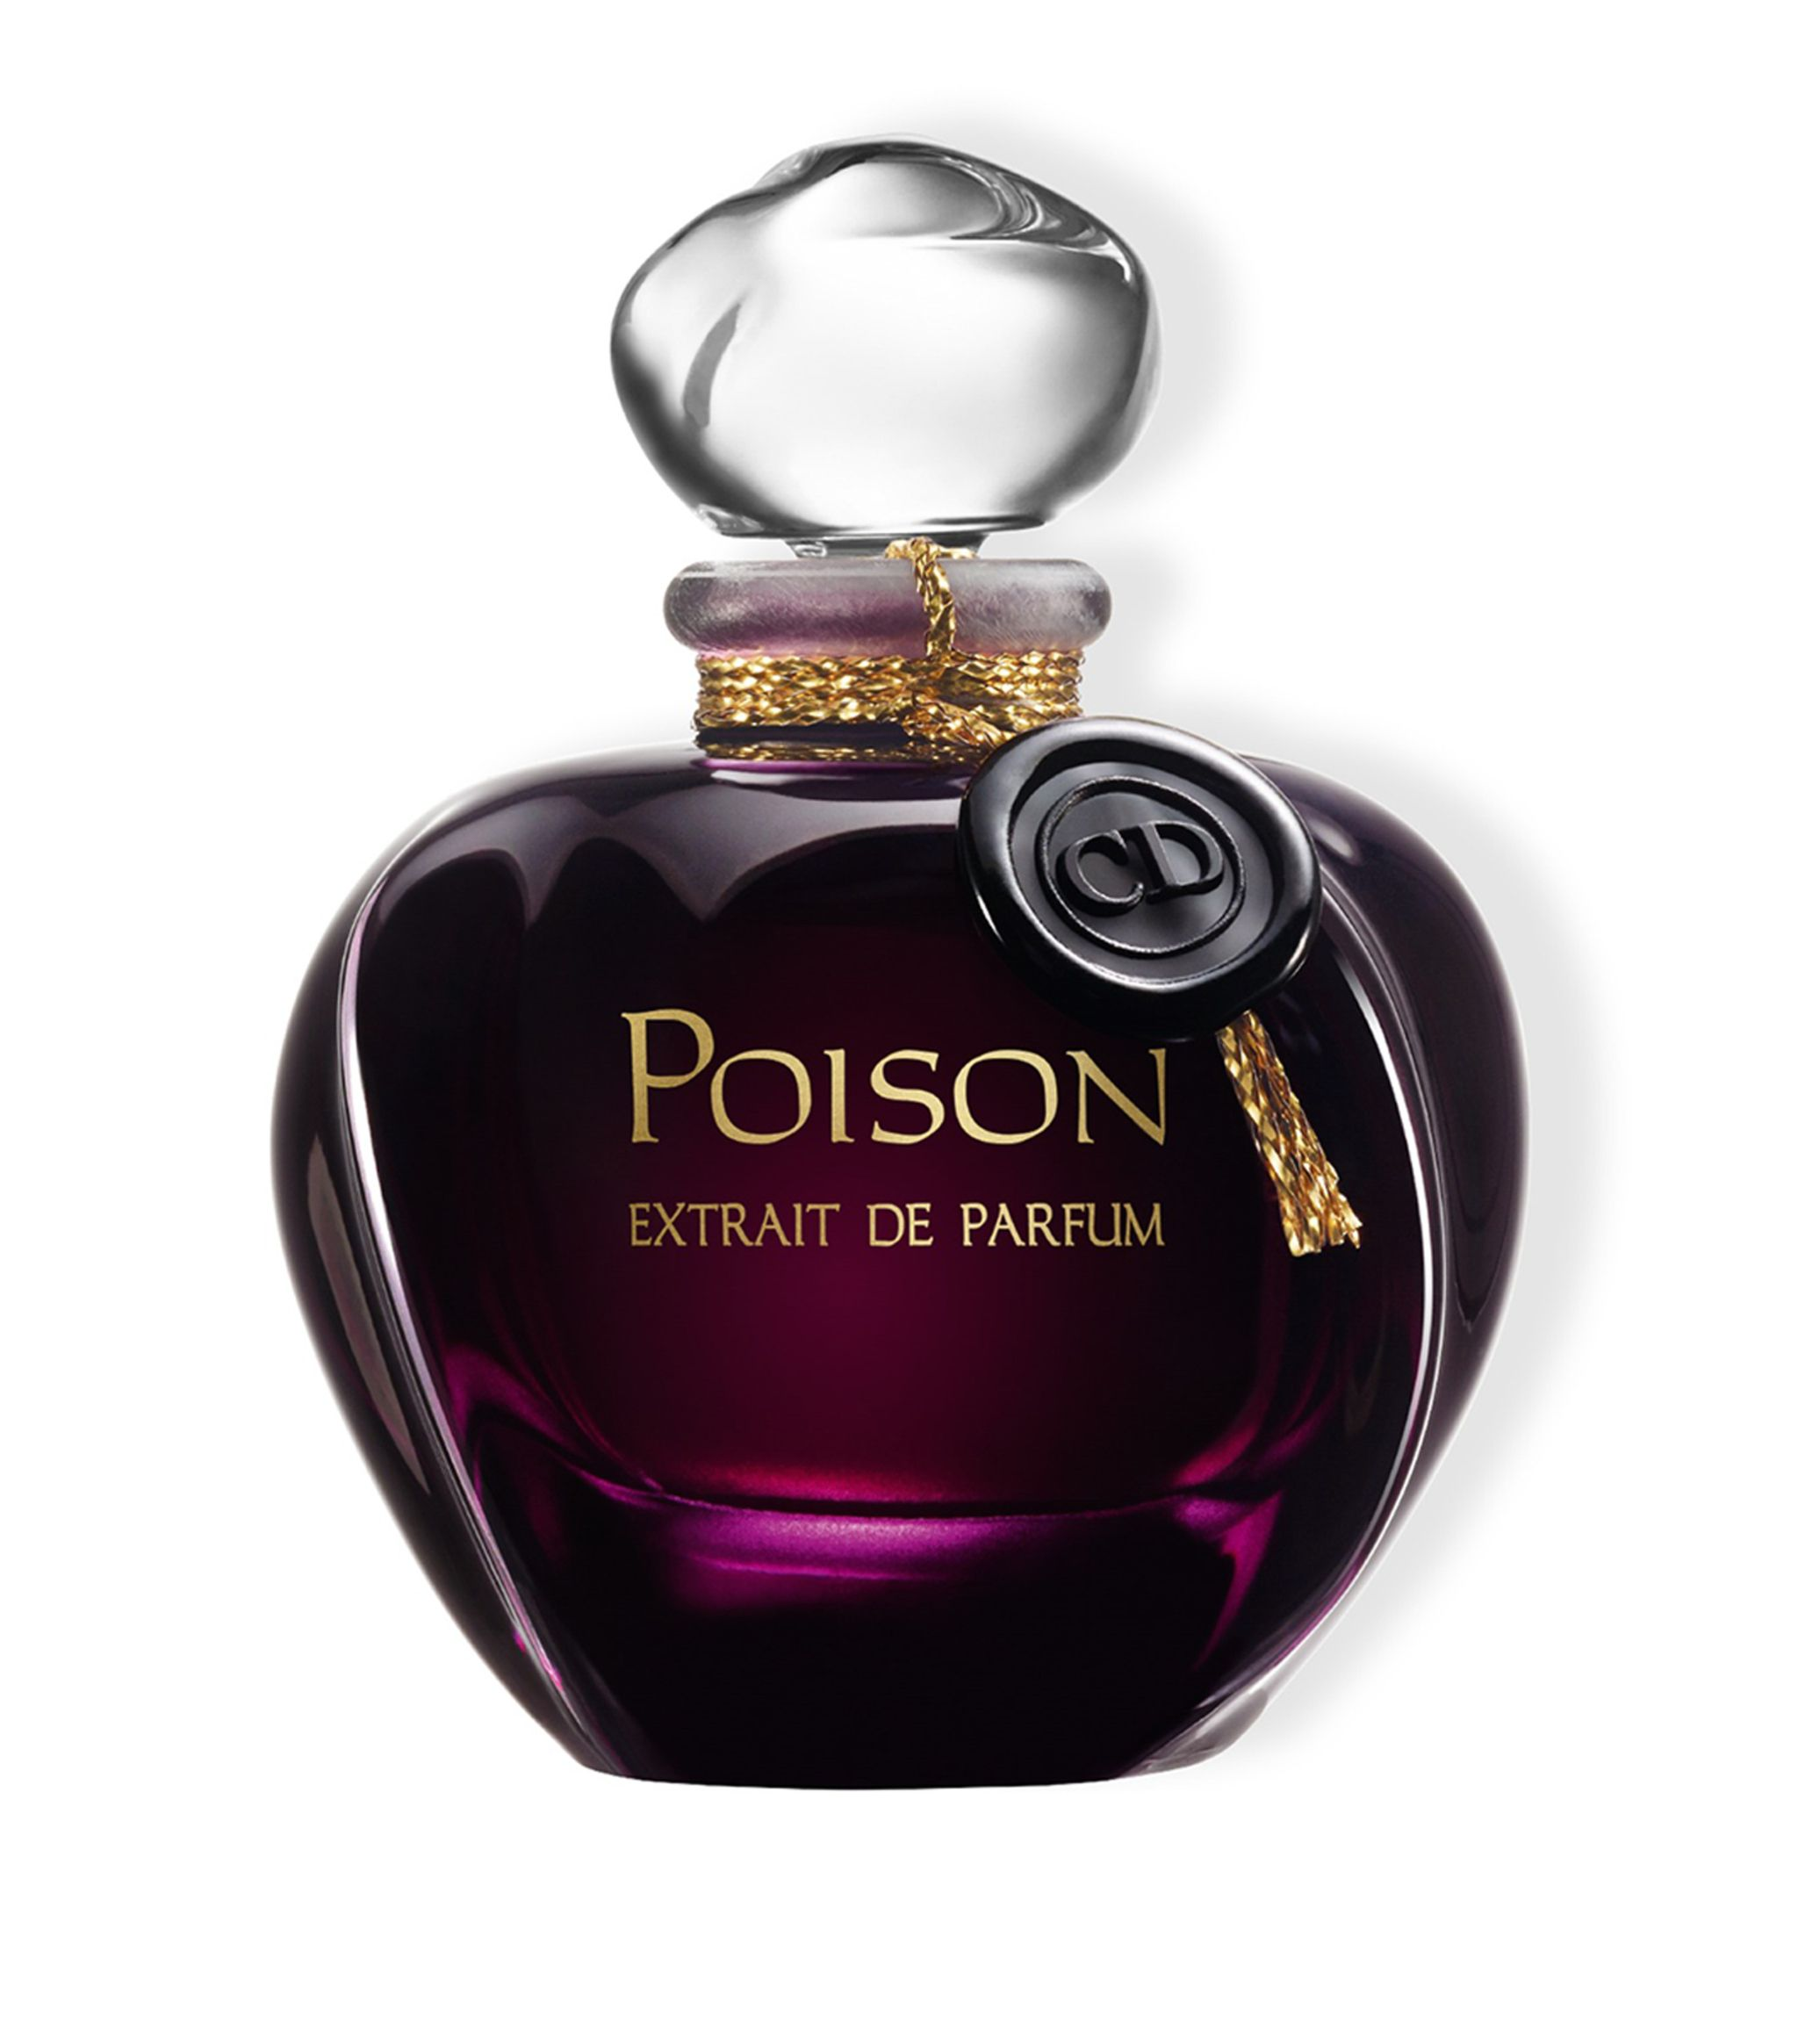 Poison Extrait de Parfum Christian Dior pour femme